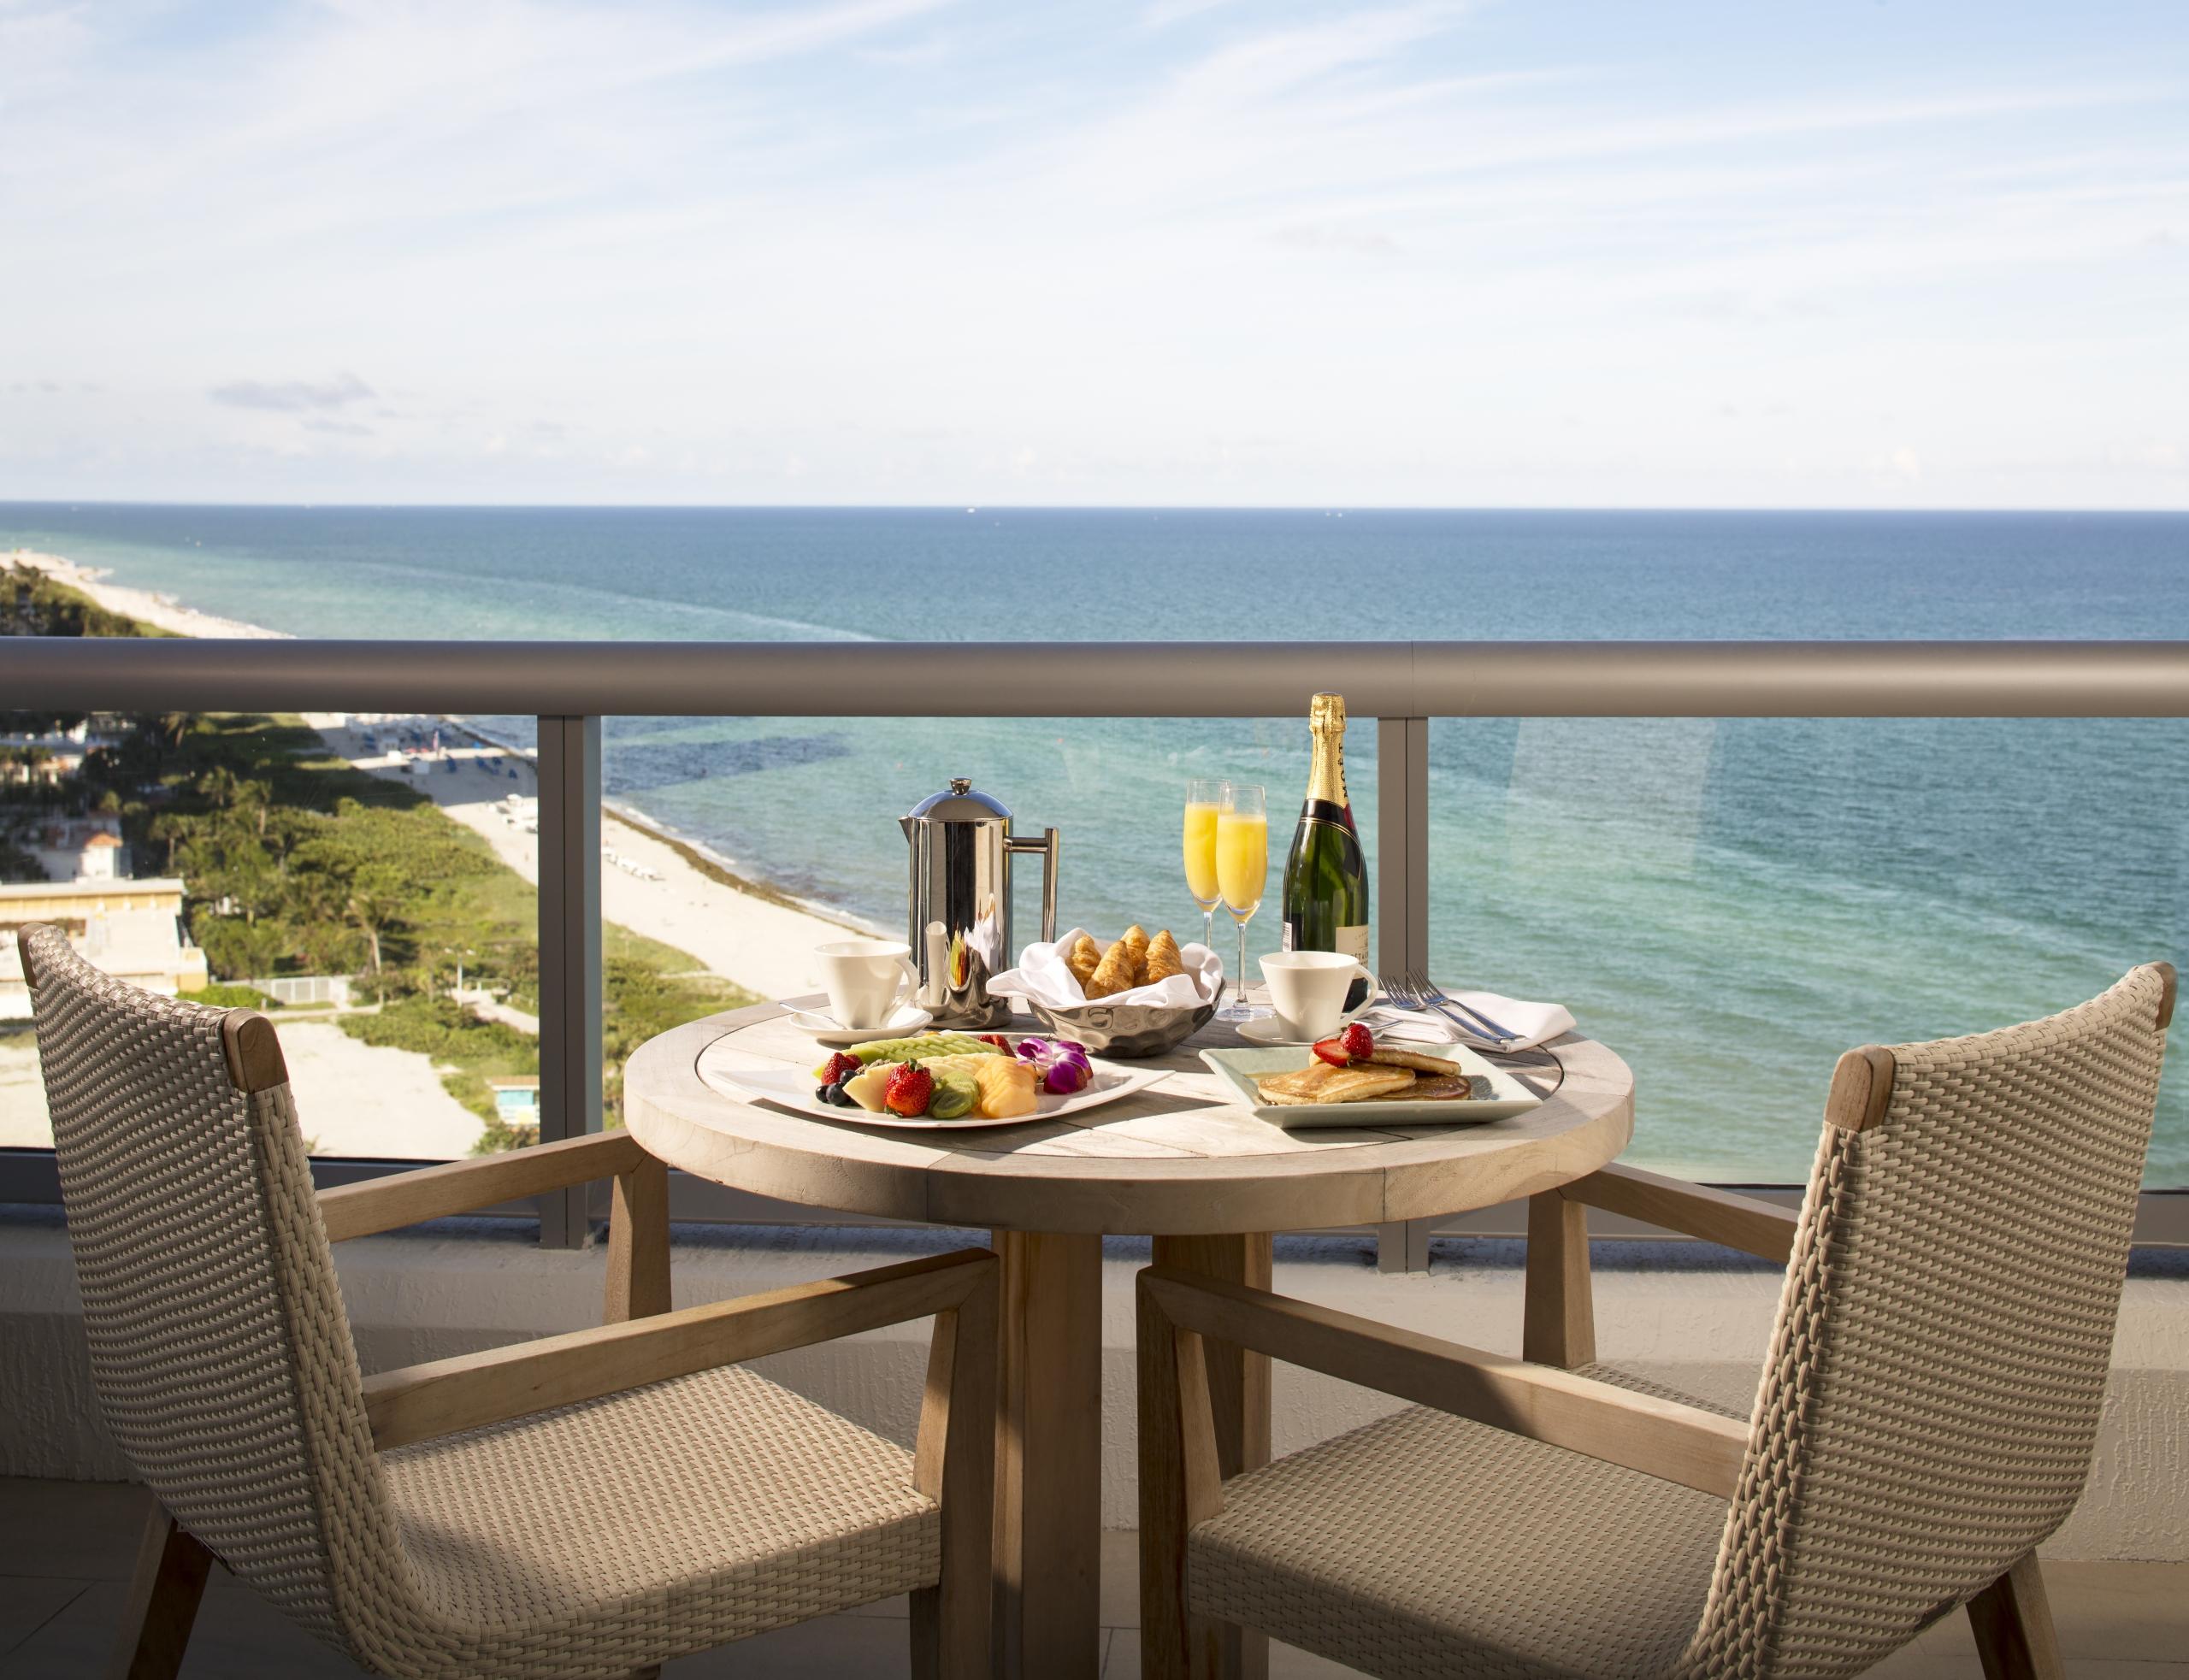 Champagne breakfast on a balcony